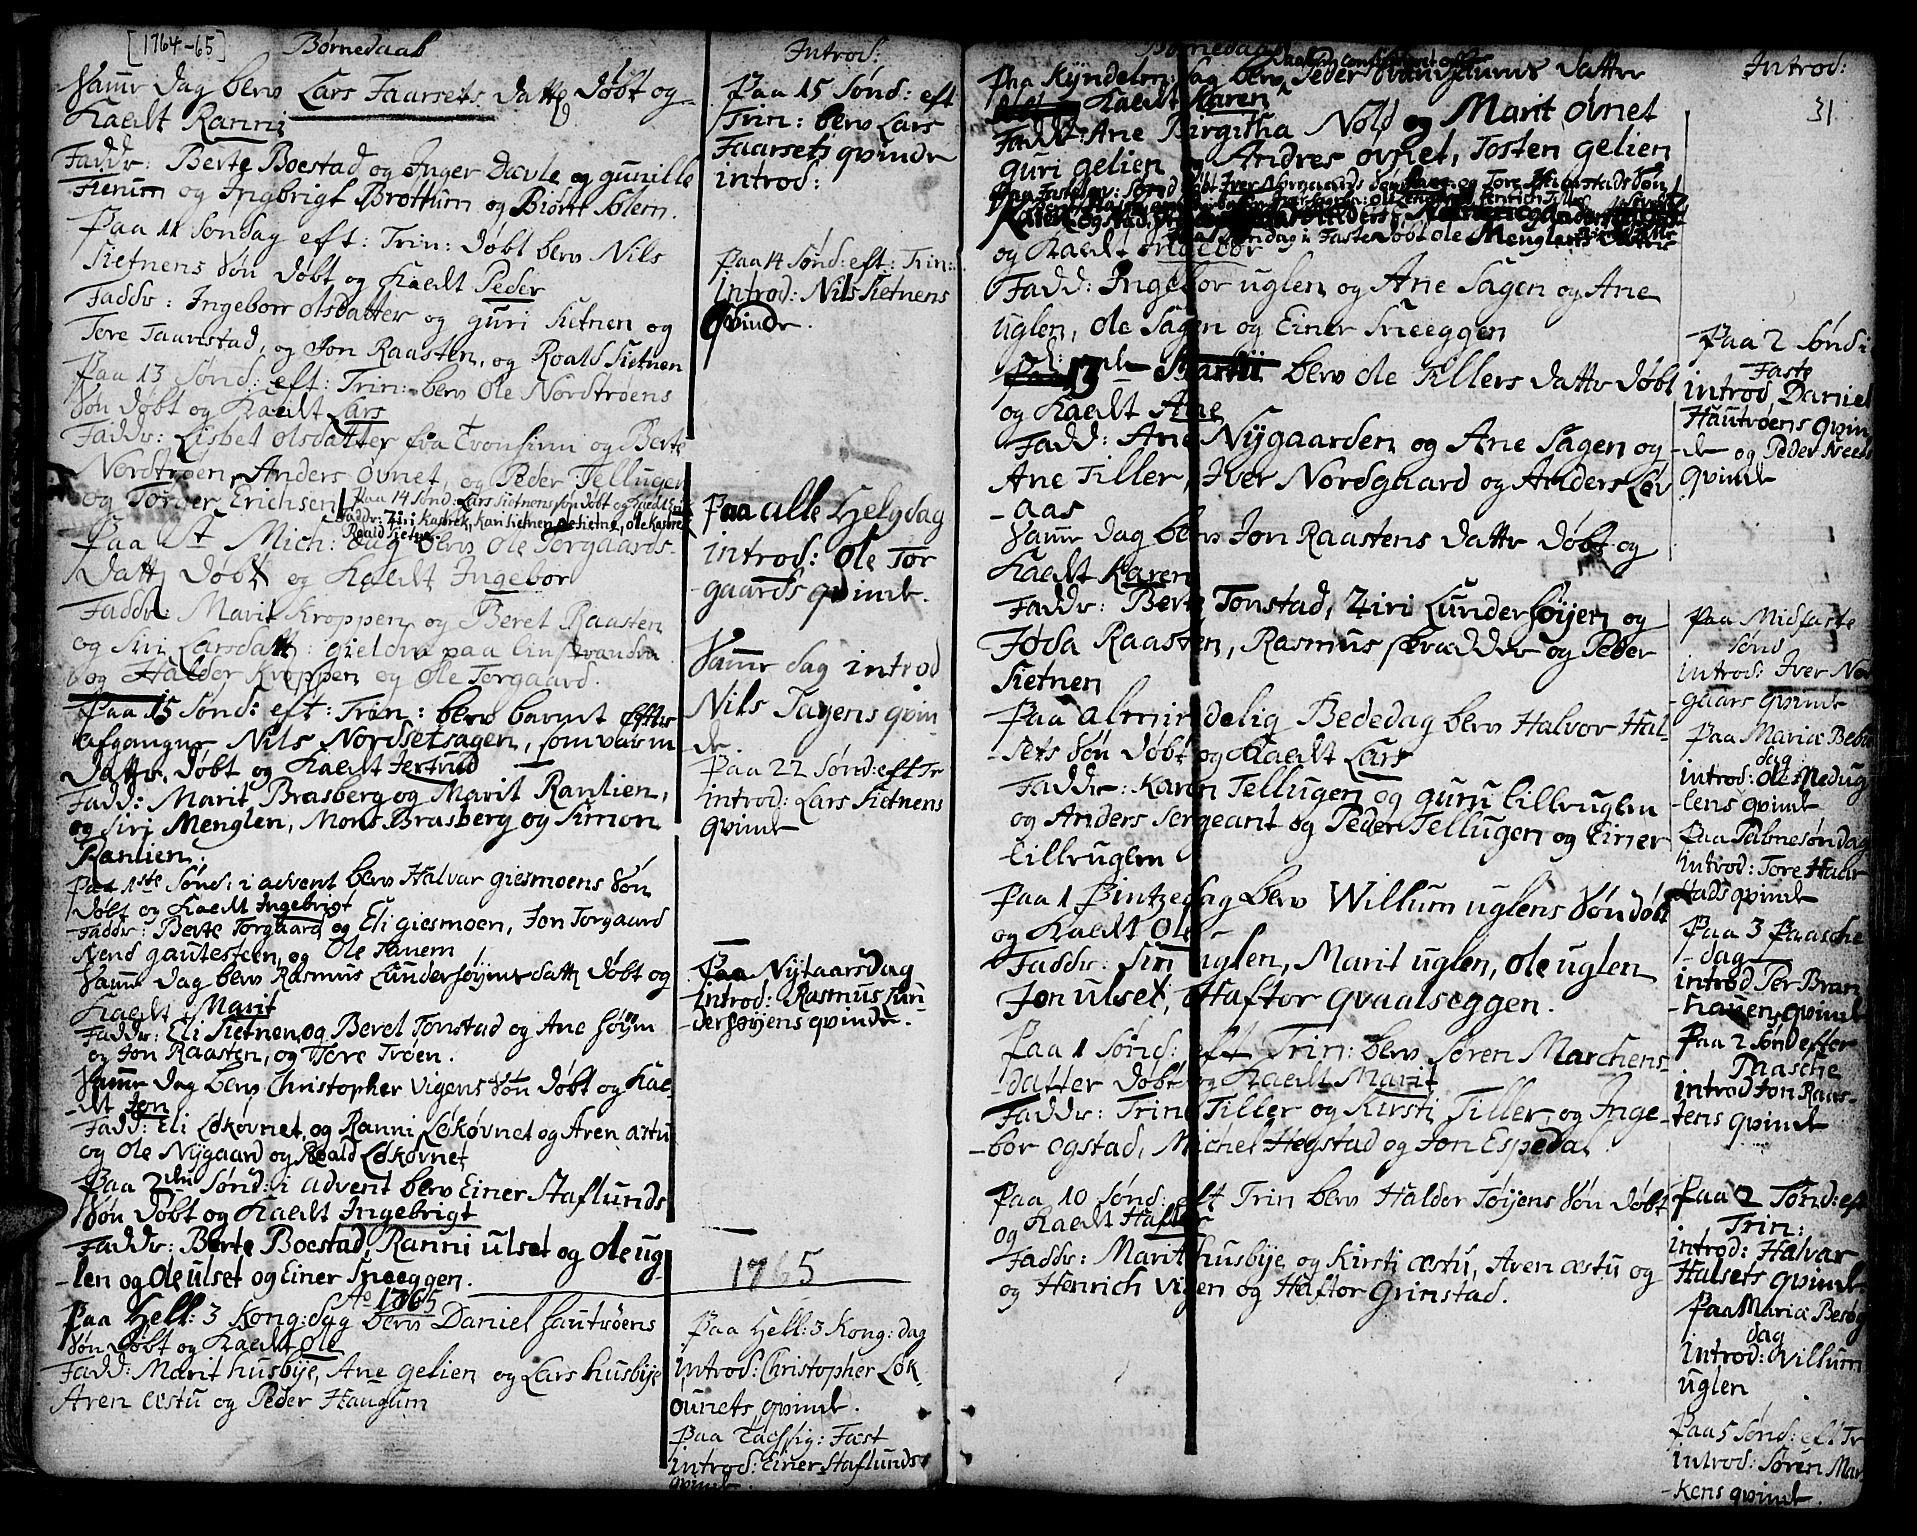 SAT, Ministerialprotokoller, klokkerbøker og fødselsregistre - Sør-Trøndelag, 618/L0437: Ministerialbok nr. 618A02, 1749-1782, s. 31